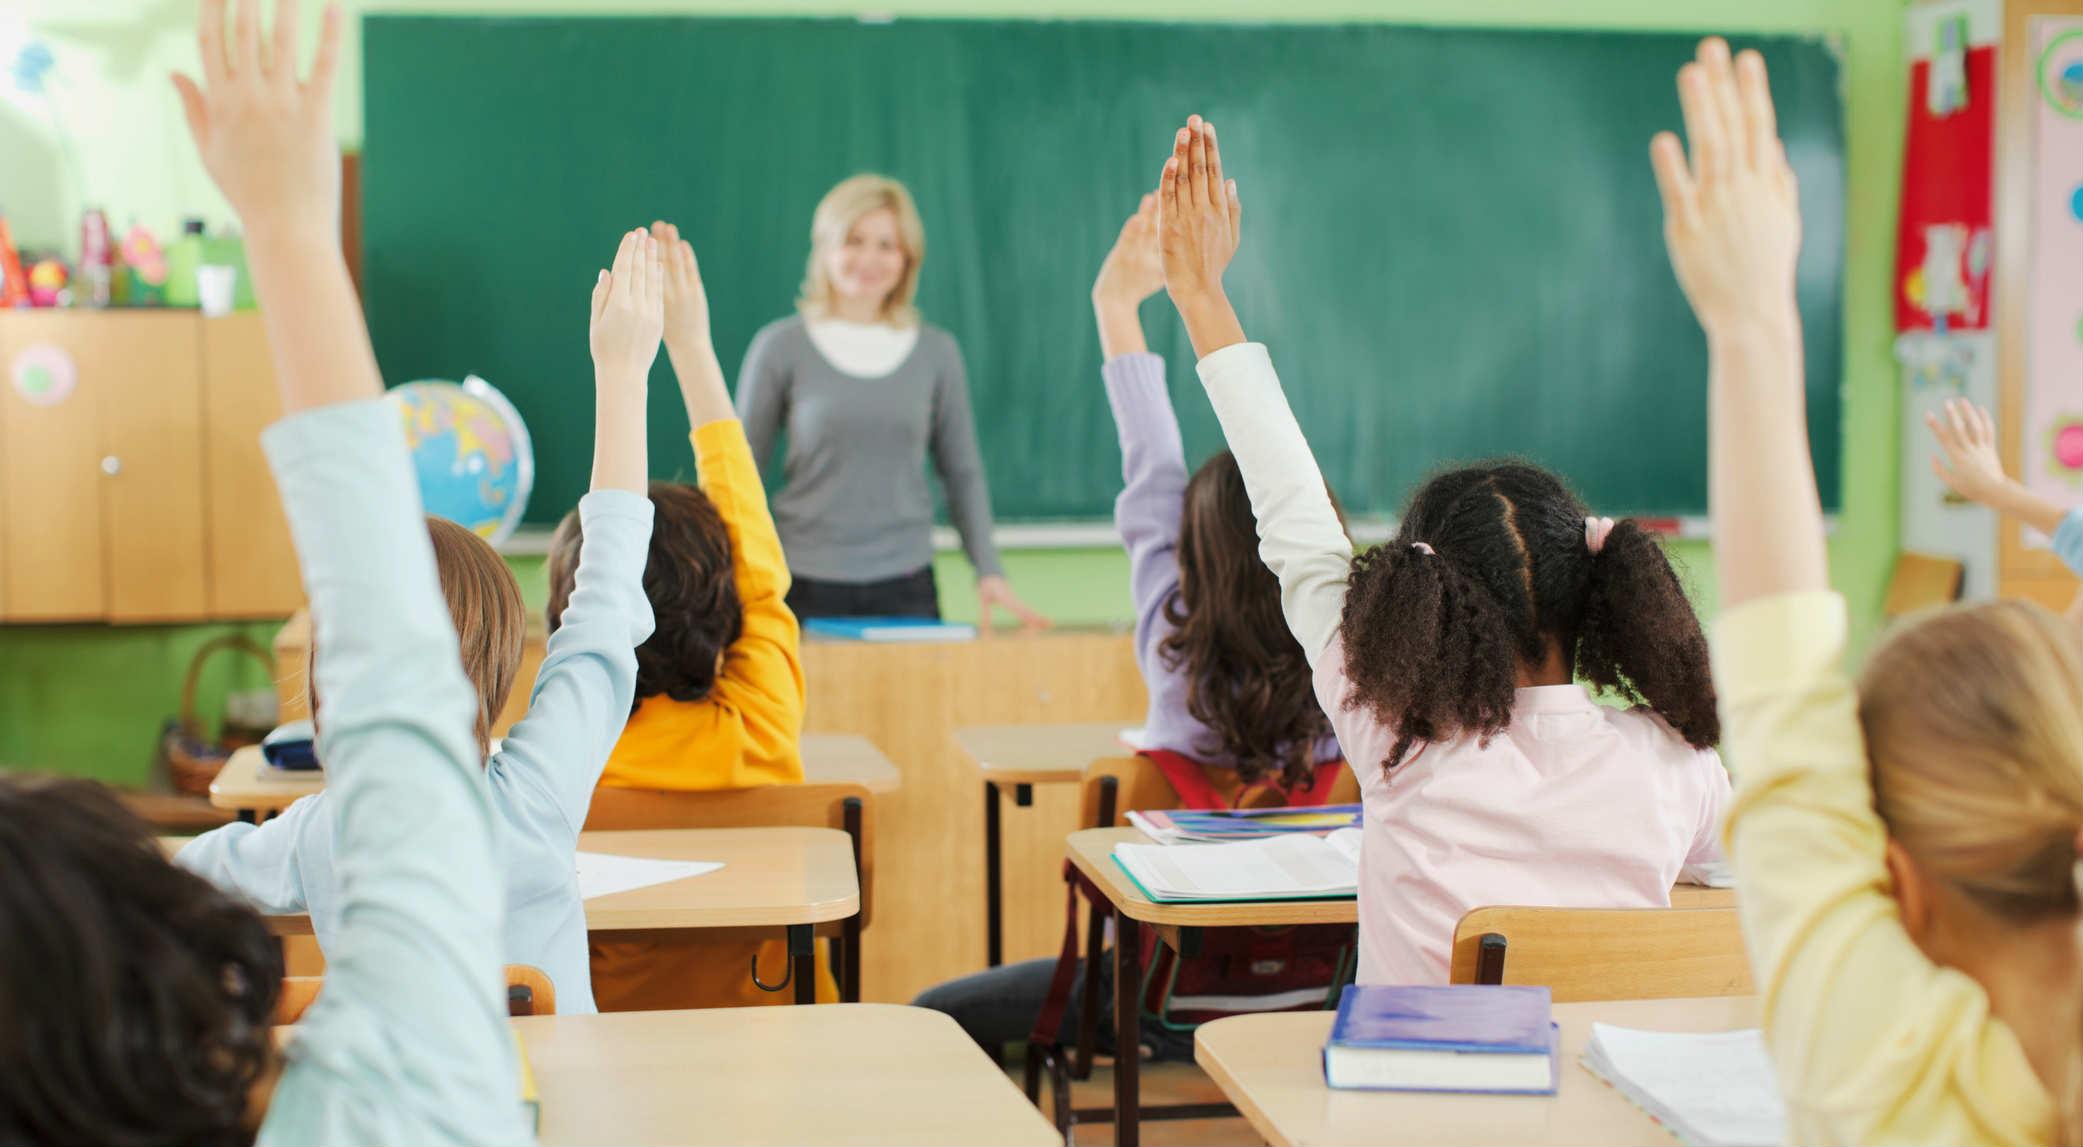 ორშაბათს სკოლებსა და ბაღებში სასწავლო პროცესი განახლდება